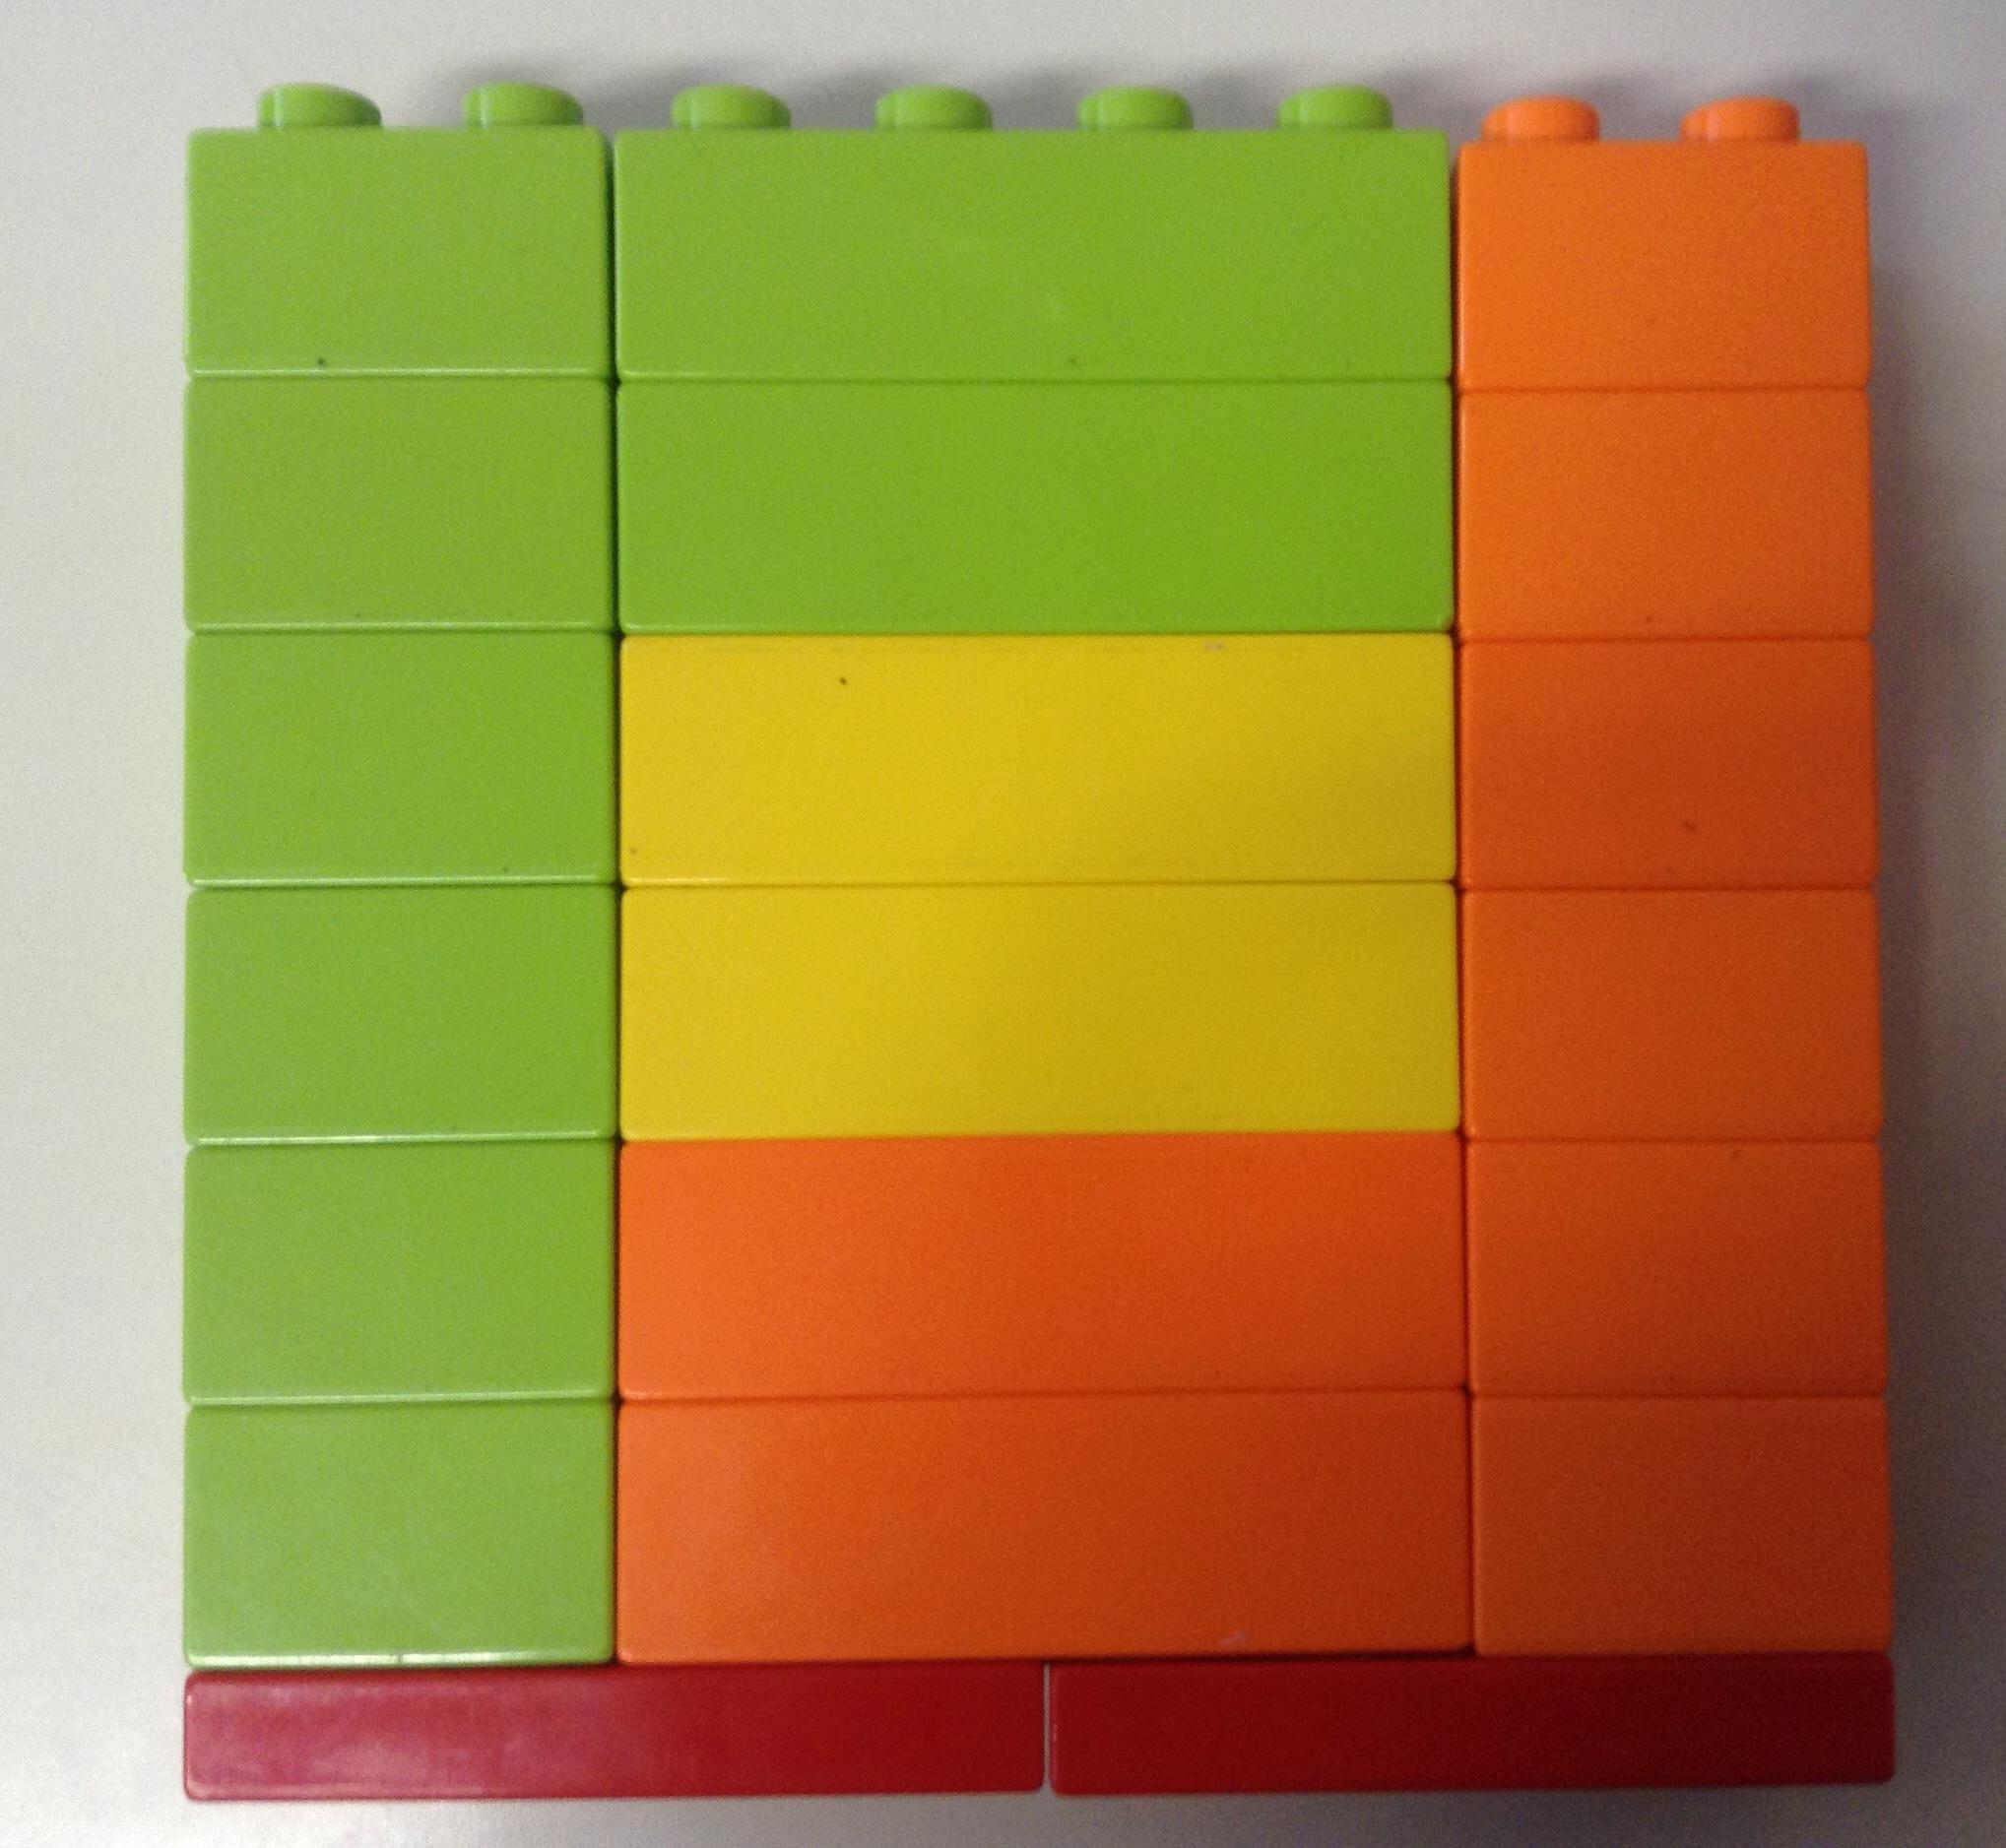 Legos vacíos